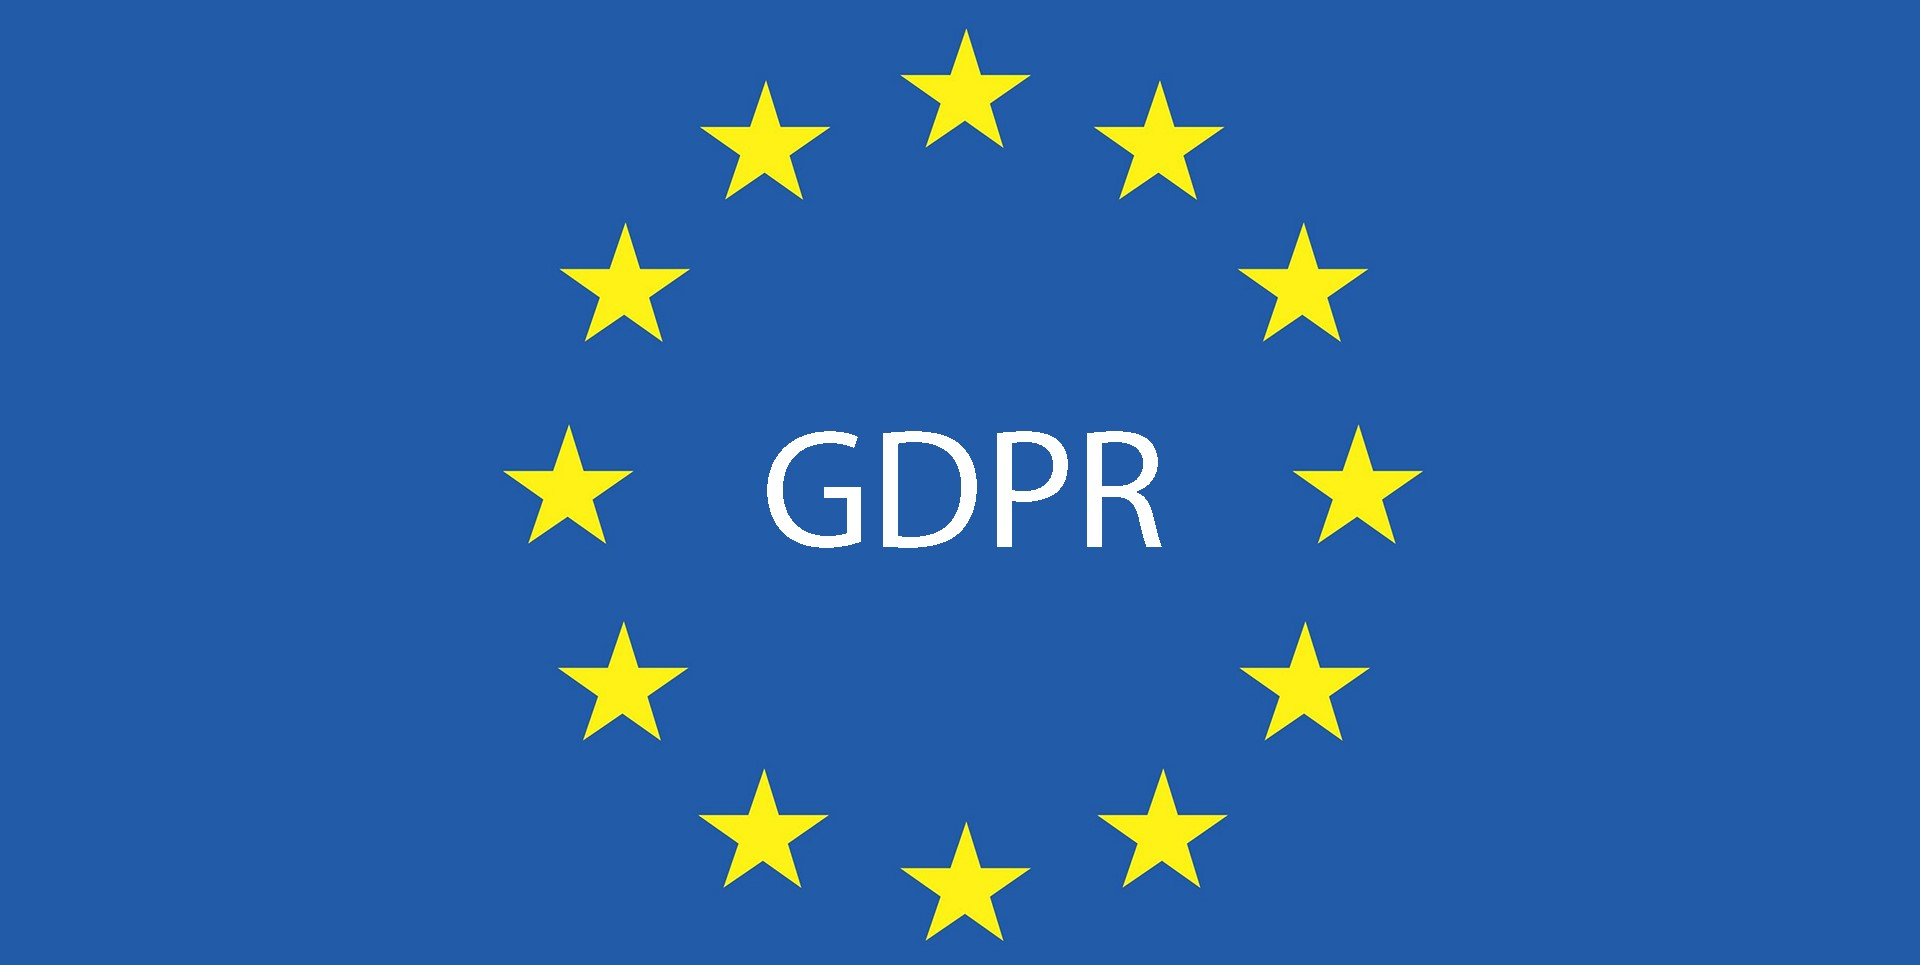 GDPR: conosci tutto sul nuovo Regolamento EU sulla Privacy?